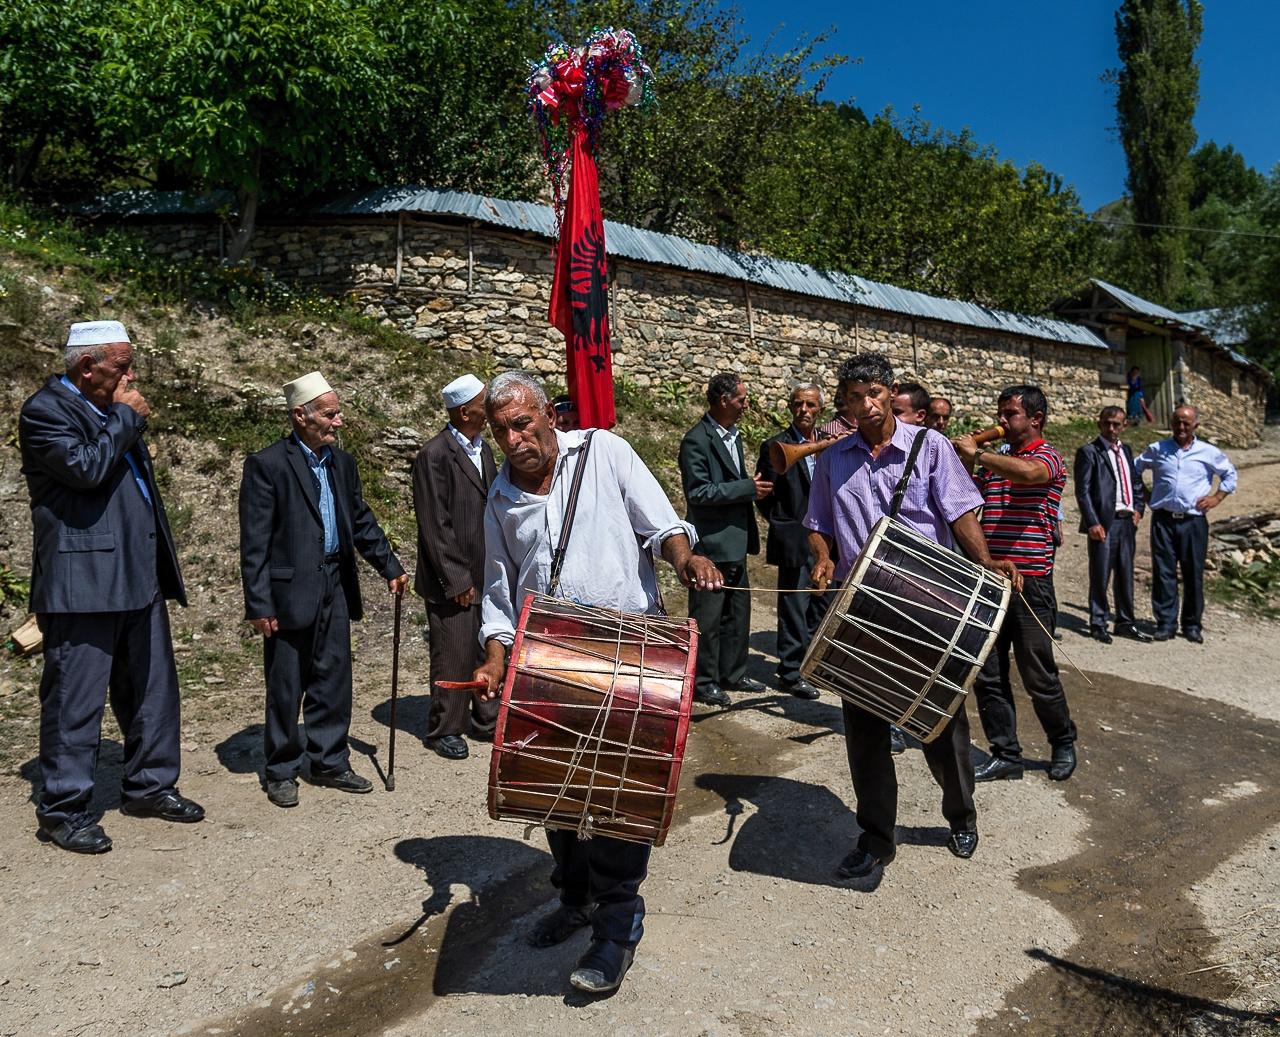 Muzikanti na albánské svatbě